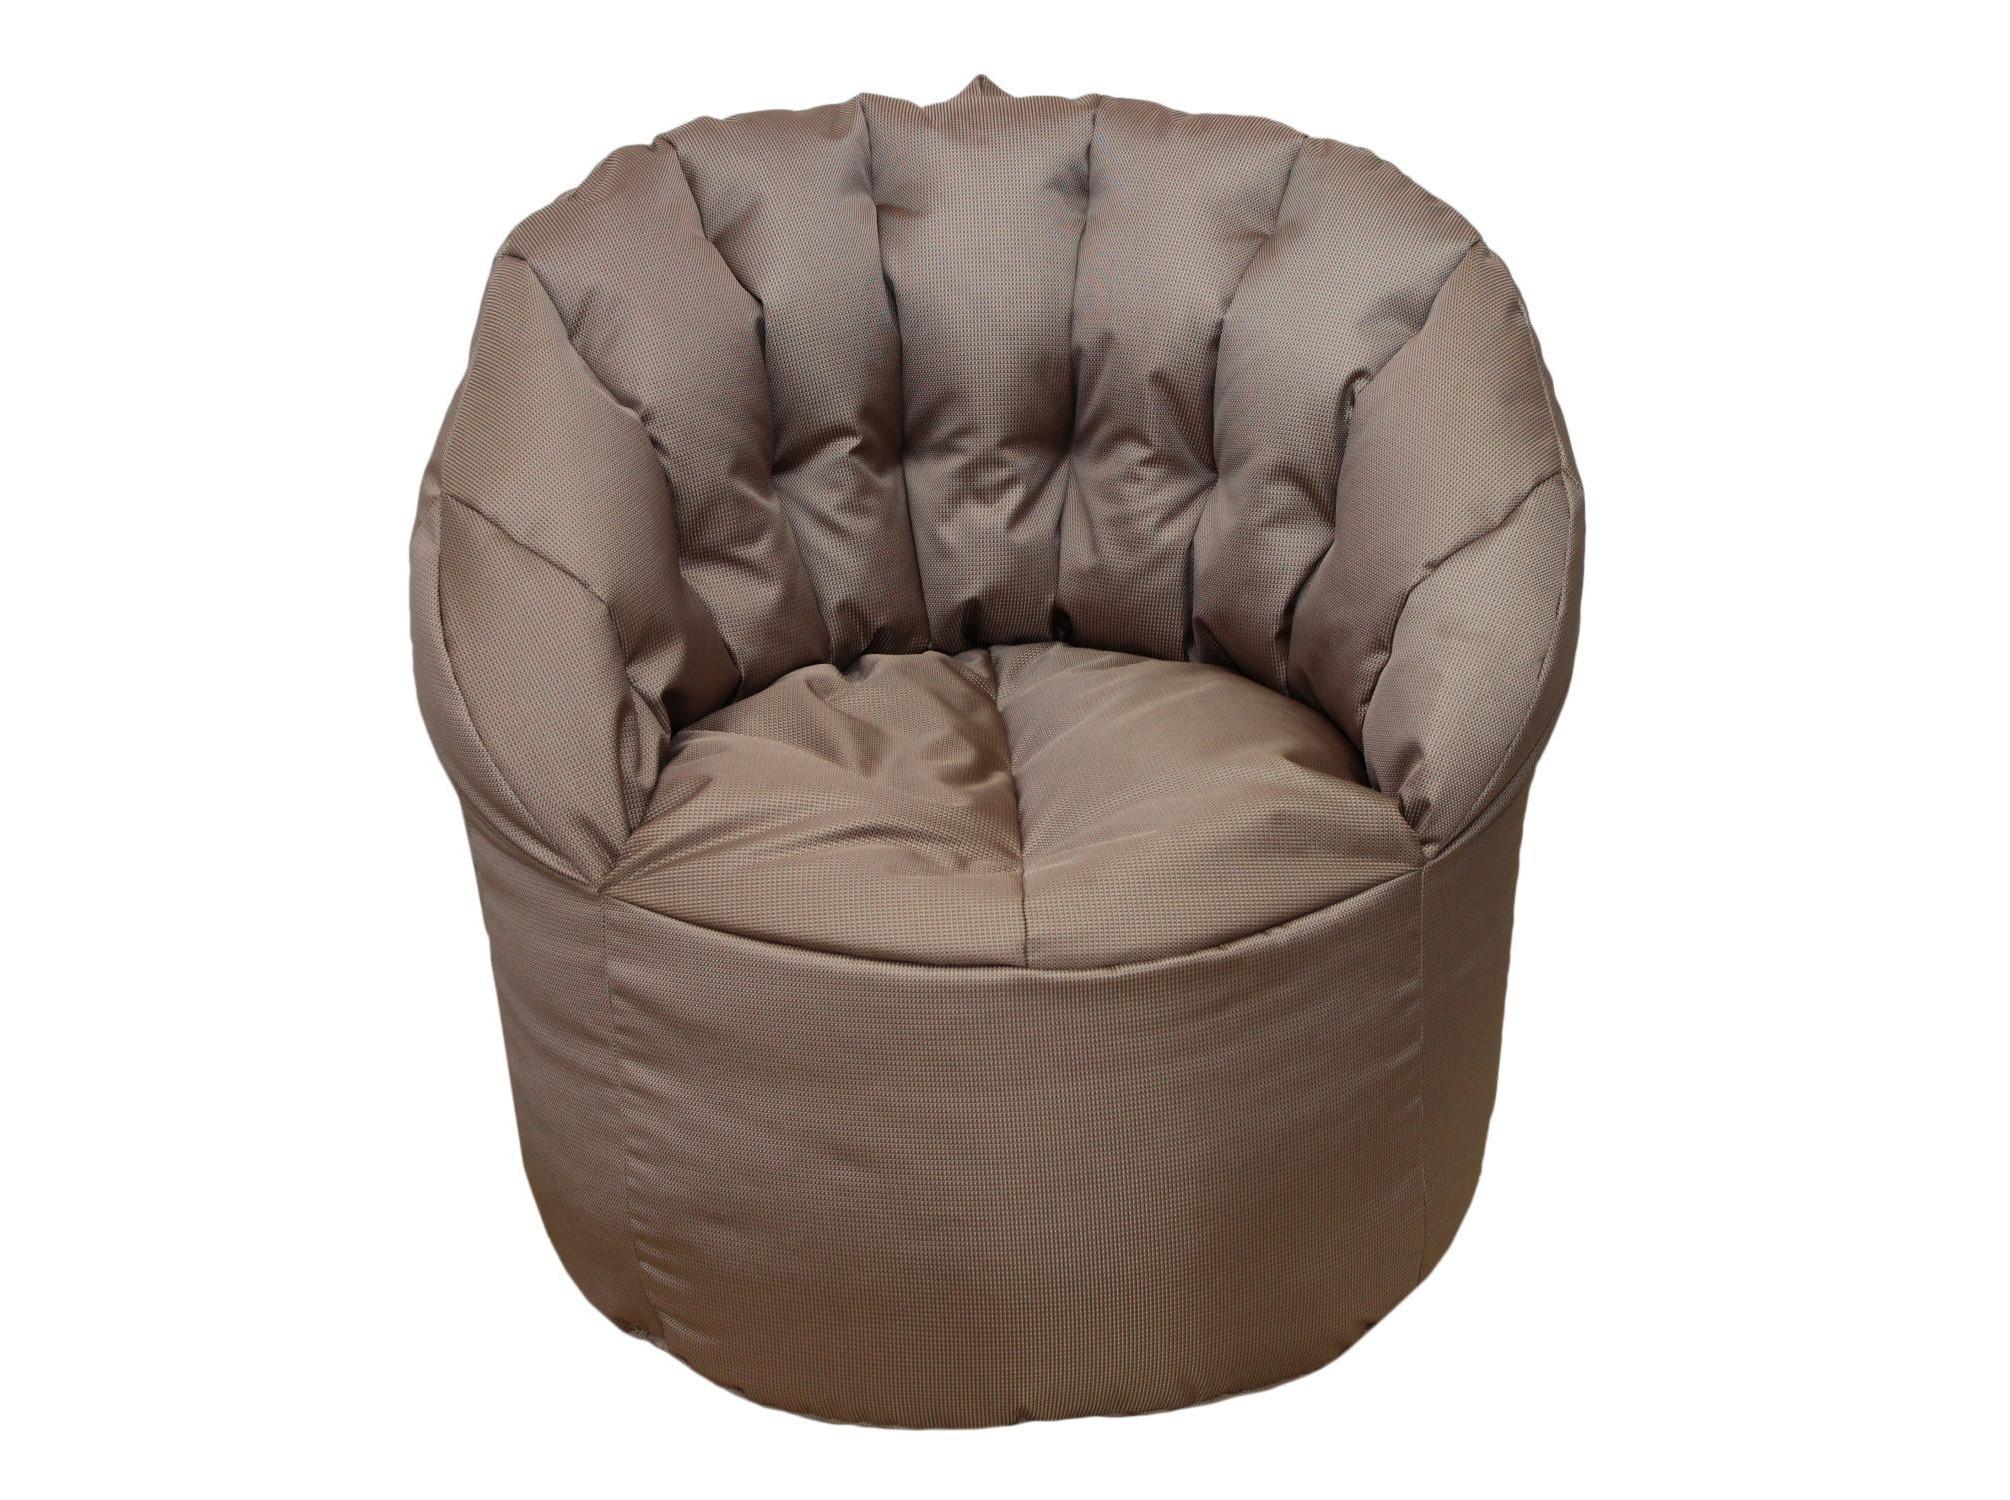 Уличное кресло-пуф MokkoКресла для сада<br>Очень комфортное и  легкое  кресло-пуф станет неотъемлемой частью вашего интерьера как дома так и на улице. Сиденье и спинка кресла великолепно поддерживают и принимают форму тела, обеспечивая комфортный отдых. Читайте книгу, общайтесь с друзьями или просто наслаждайтесь лучами летнего солнца удобно разместившись в этом кресле!  Оно сшито из очень плотной ткани с водоотталкивающим покрытием с внешней стороны, поэтому идеально подойдет для уличного декора.При загрязнении его достаточно протереть мокрой салфеткой.&amp;lt;div&amp;gt;&amp;lt;br&amp;gt;&amp;lt;/div&amp;gt;&amp;lt;div&amp;gt;Цвет:&amp;amp;nbsp;коричнево-золотистый&amp;lt;/div&amp;gt;&amp;lt;div&amp;gt;Материал наполнителя: пенополистирол&amp;lt;br&amp;gt;&amp;lt;/div&amp;gt;<br><br>Material: Текстиль<br>Width см: 70<br>Depth см: 35<br>Height см: 80